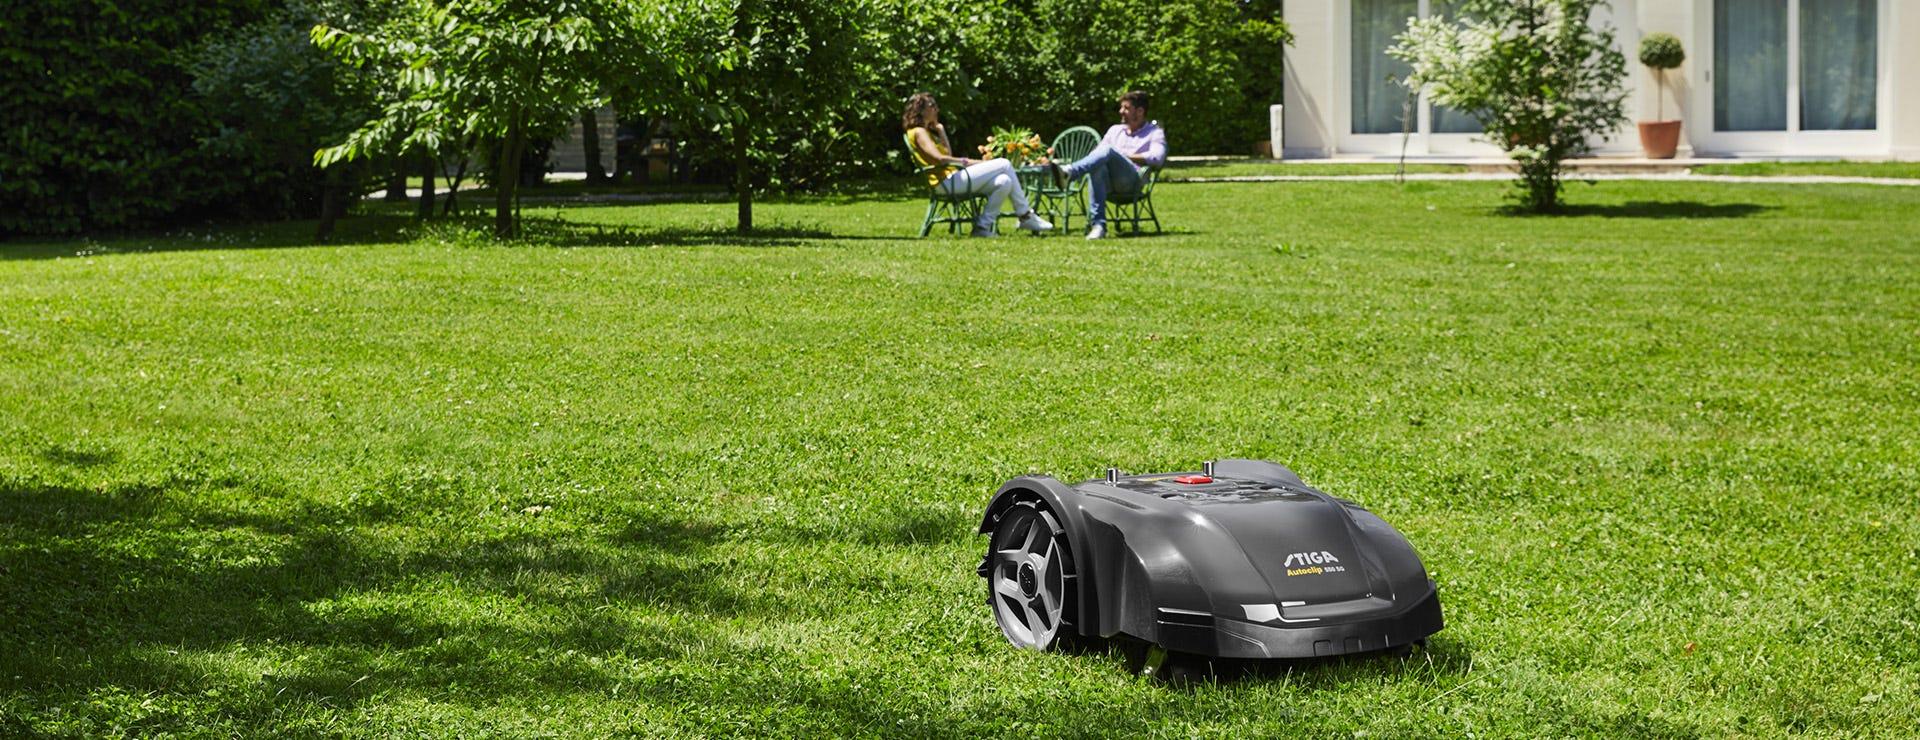 stiga-accu-machines-tuin-batterij-gereedschap-robot